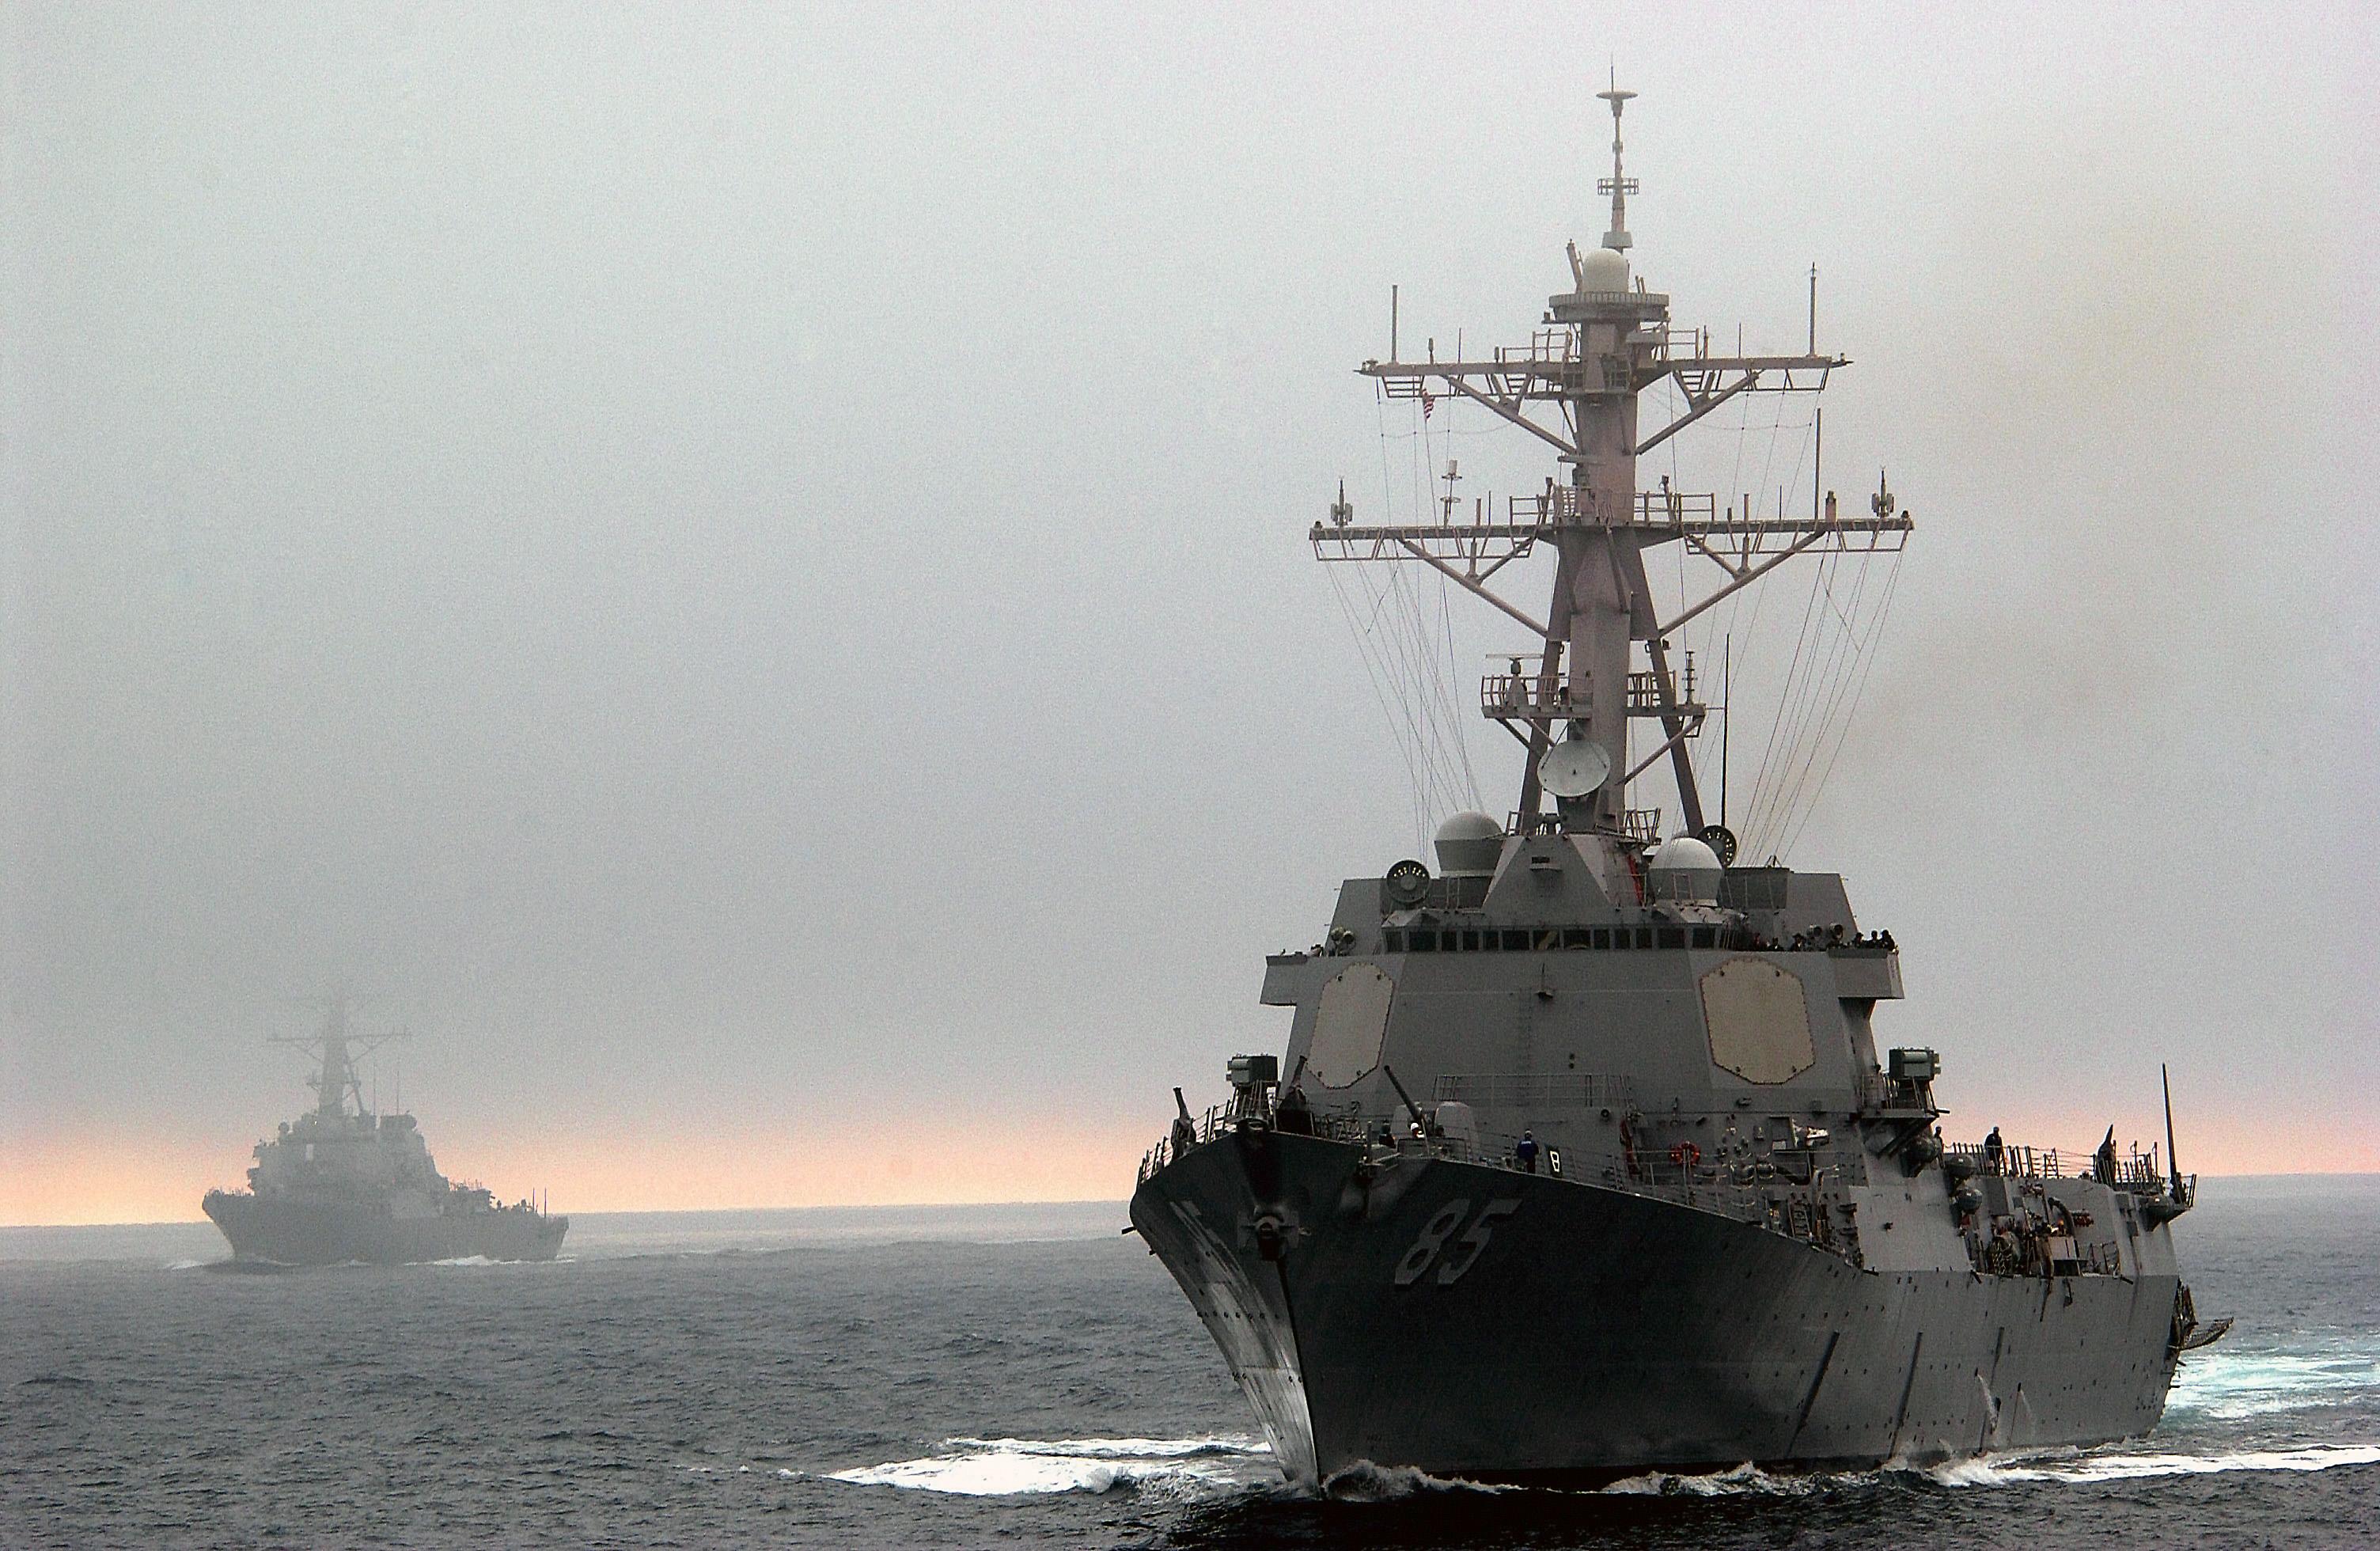 """США відправили ракетний есмінець USS McCampbell до Владивостока, щоб """"остудити"""" претензії РФ на море - Цензор.НЕТ 9048"""